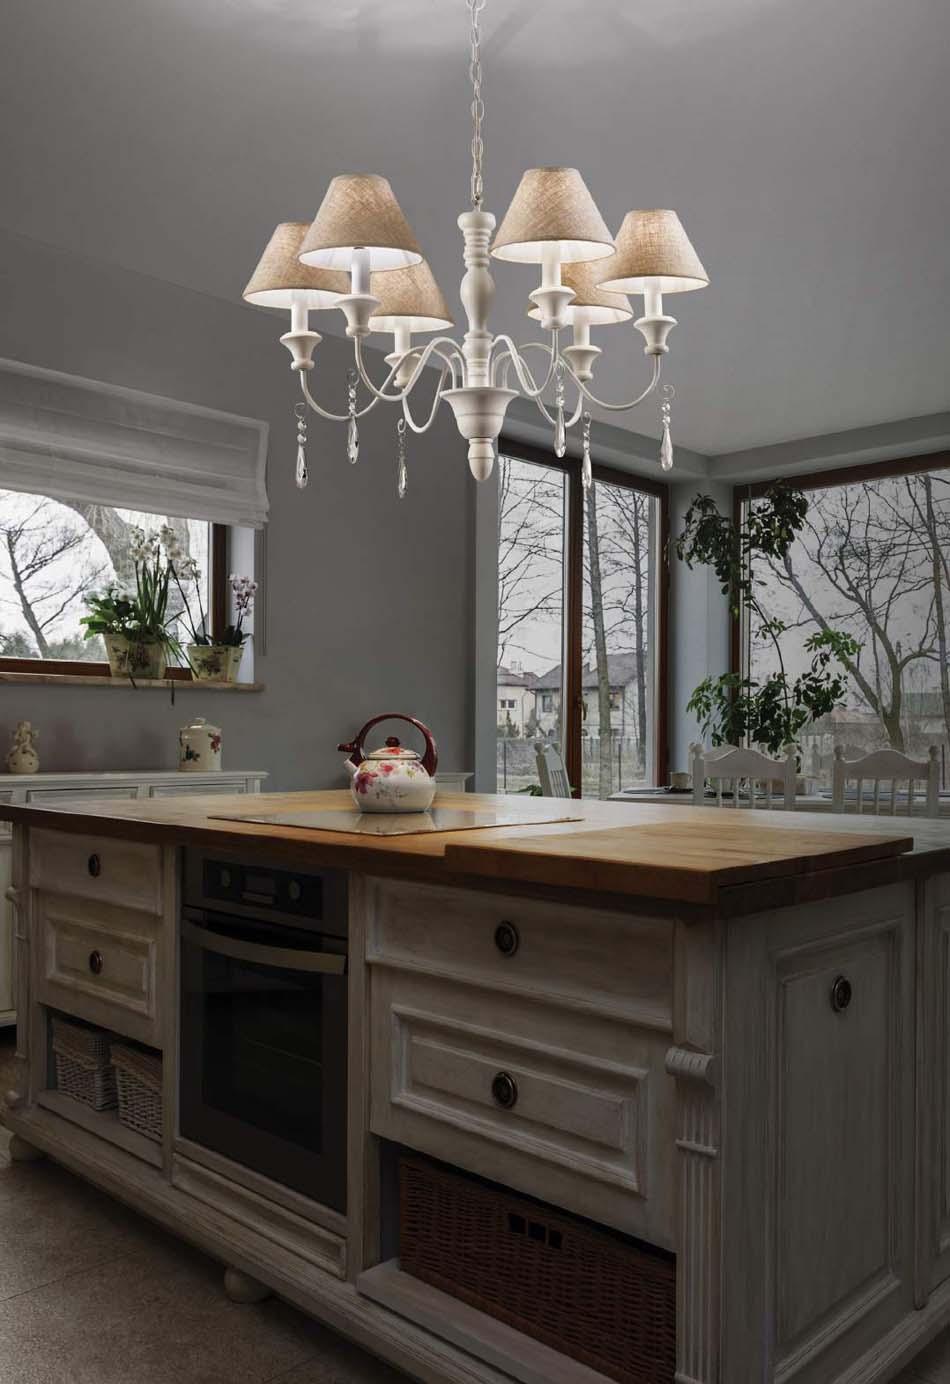 Lampade 58 sospensione Classico Ideal Lux Provence – Bruni Arredamenti